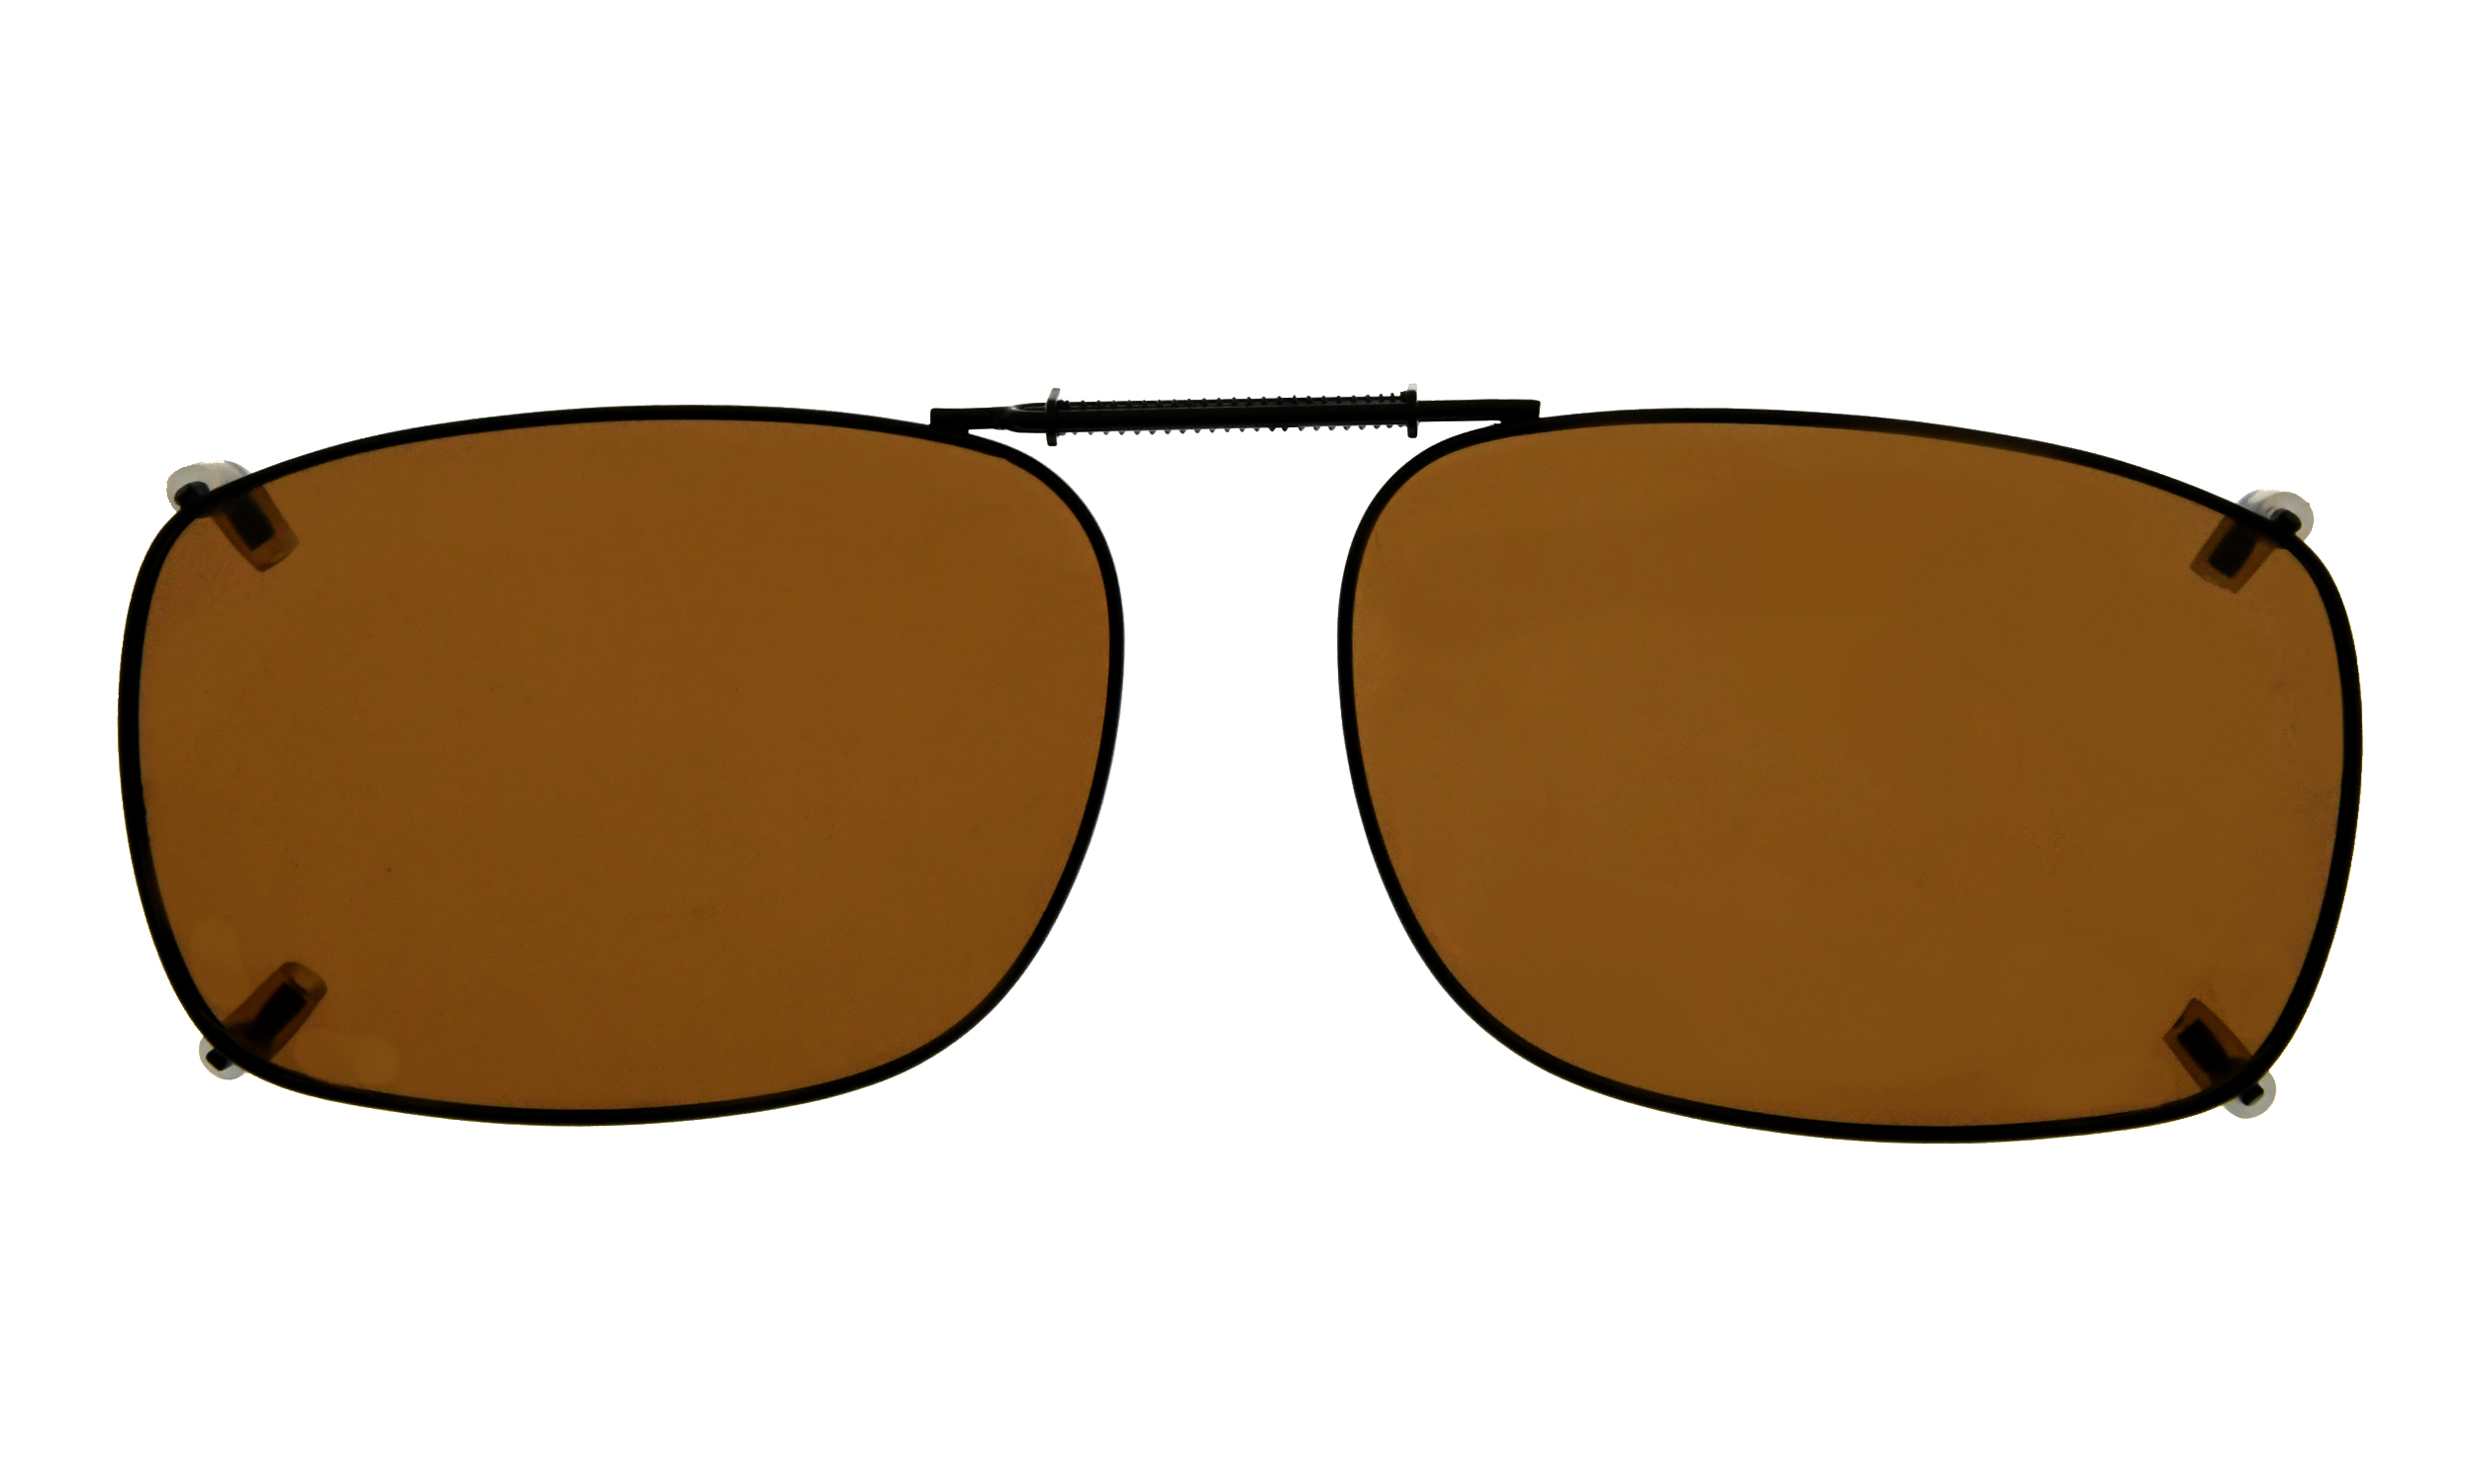 Metallrahmen Rand polarisierte Gläser aufsteckbare Sonnenbrille 2 18 x 1 716 Zoll (54 × 37 MM) Braun C64